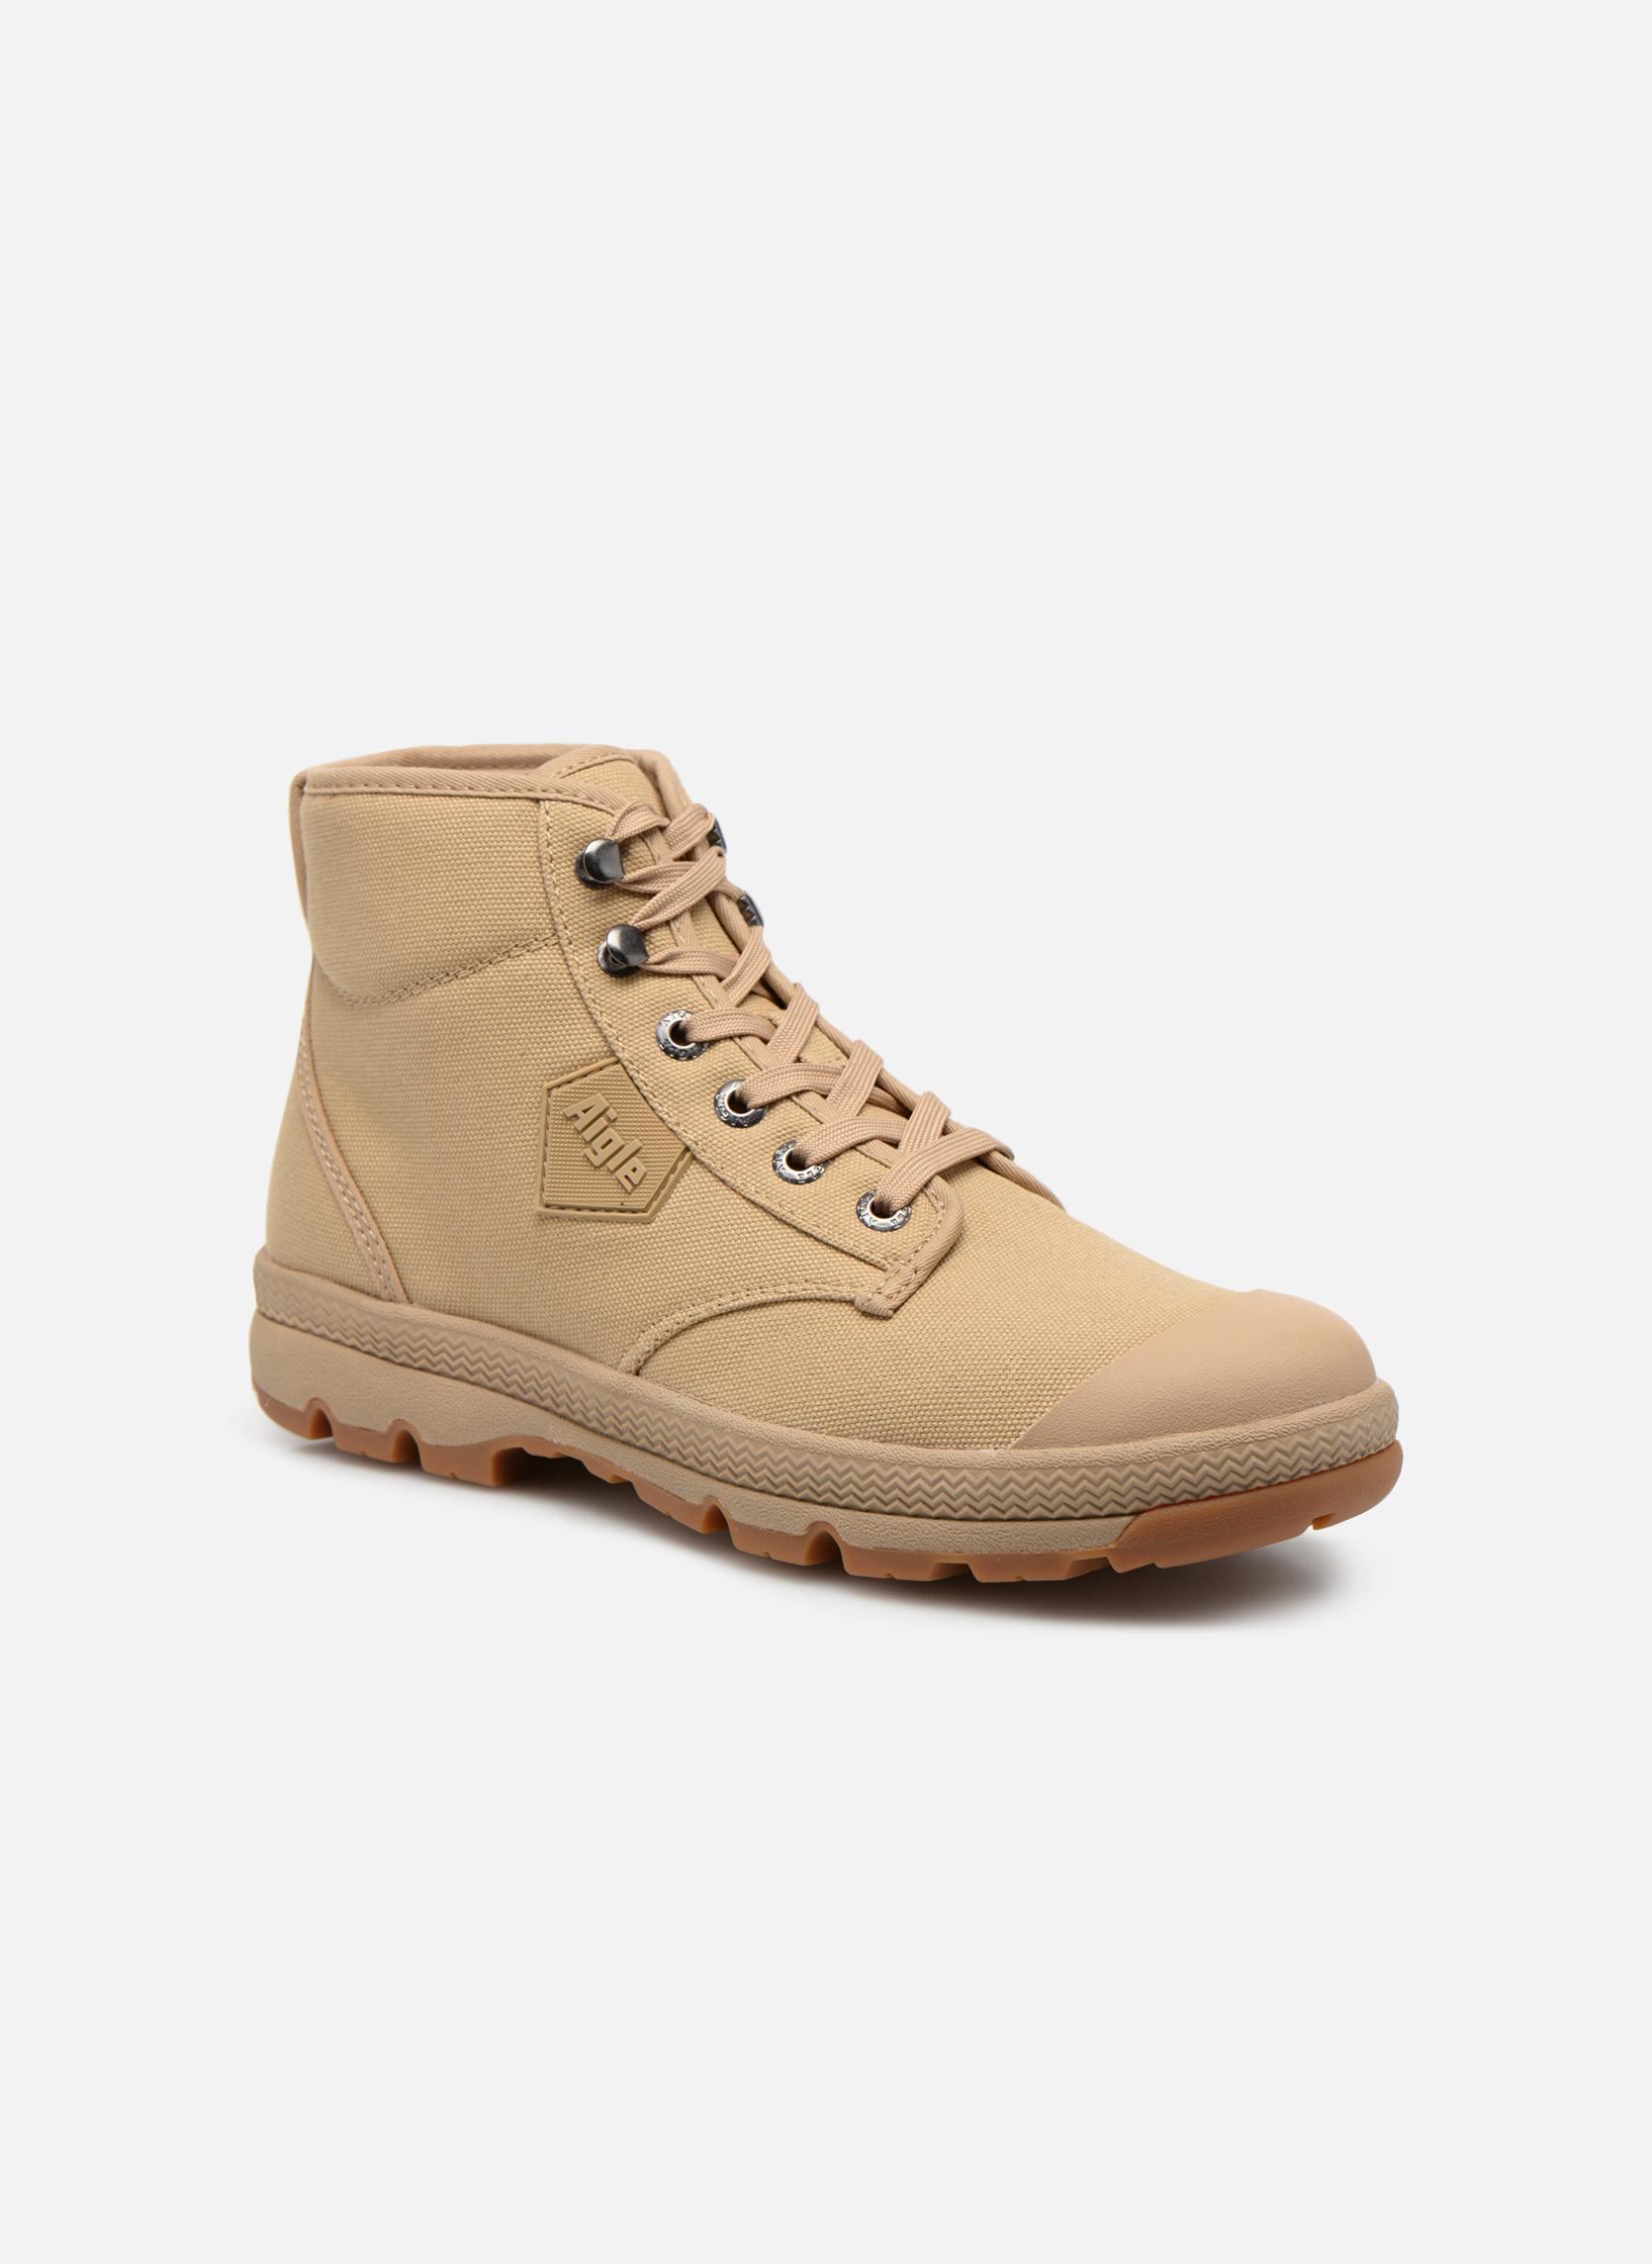 Boots en enkellaarsjes Heren Tenere 3 Light